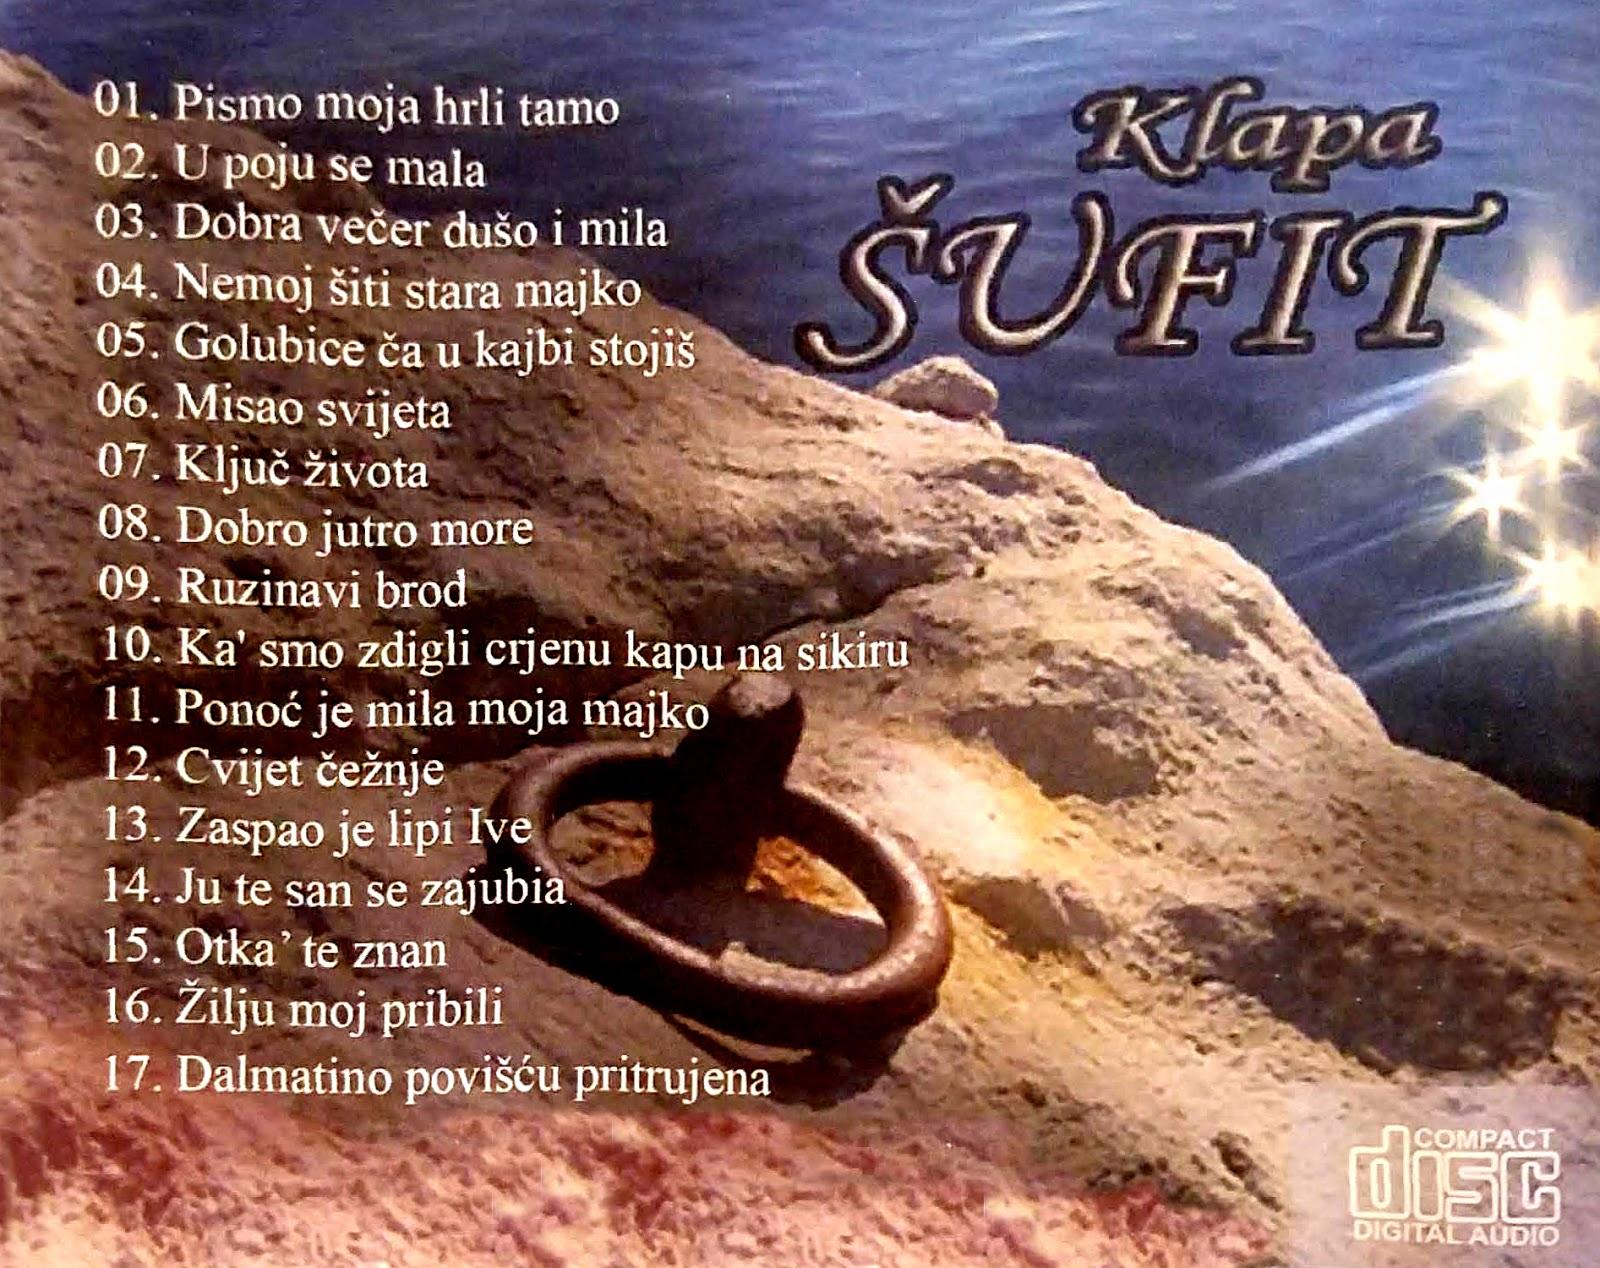 Muzika Balkana Balkan Music Klapa Sufit Pismo Moja Hrli Tamo